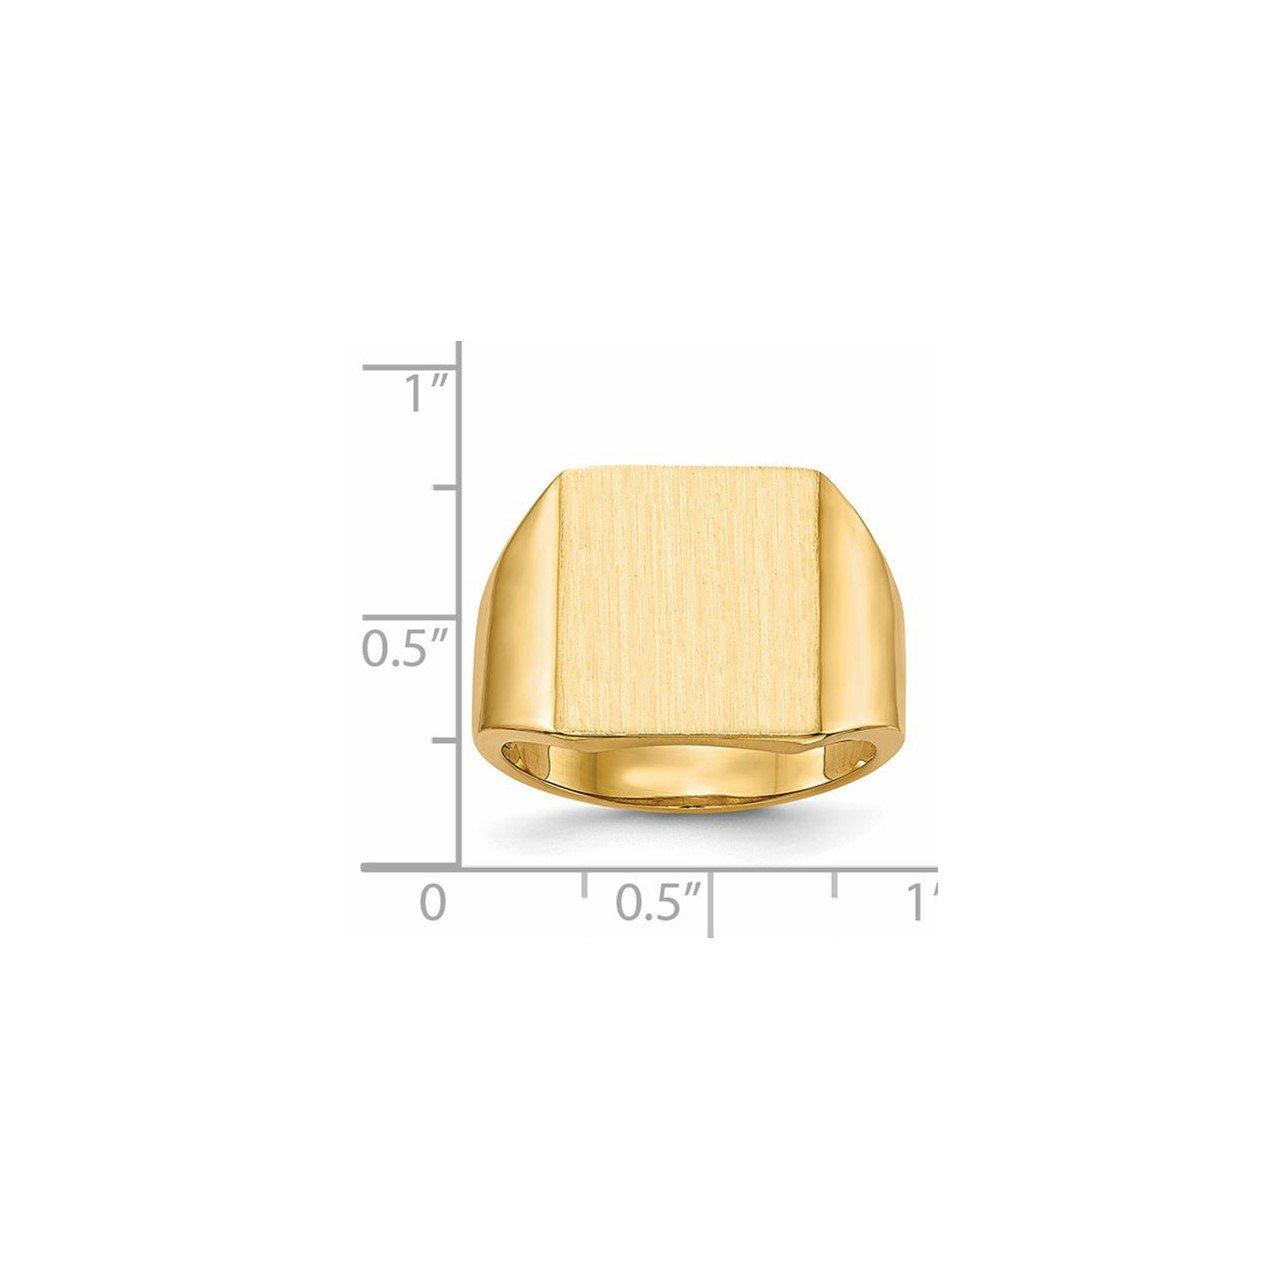 14k 15.0x13.5mm Open Back Mens Signet Ring-4